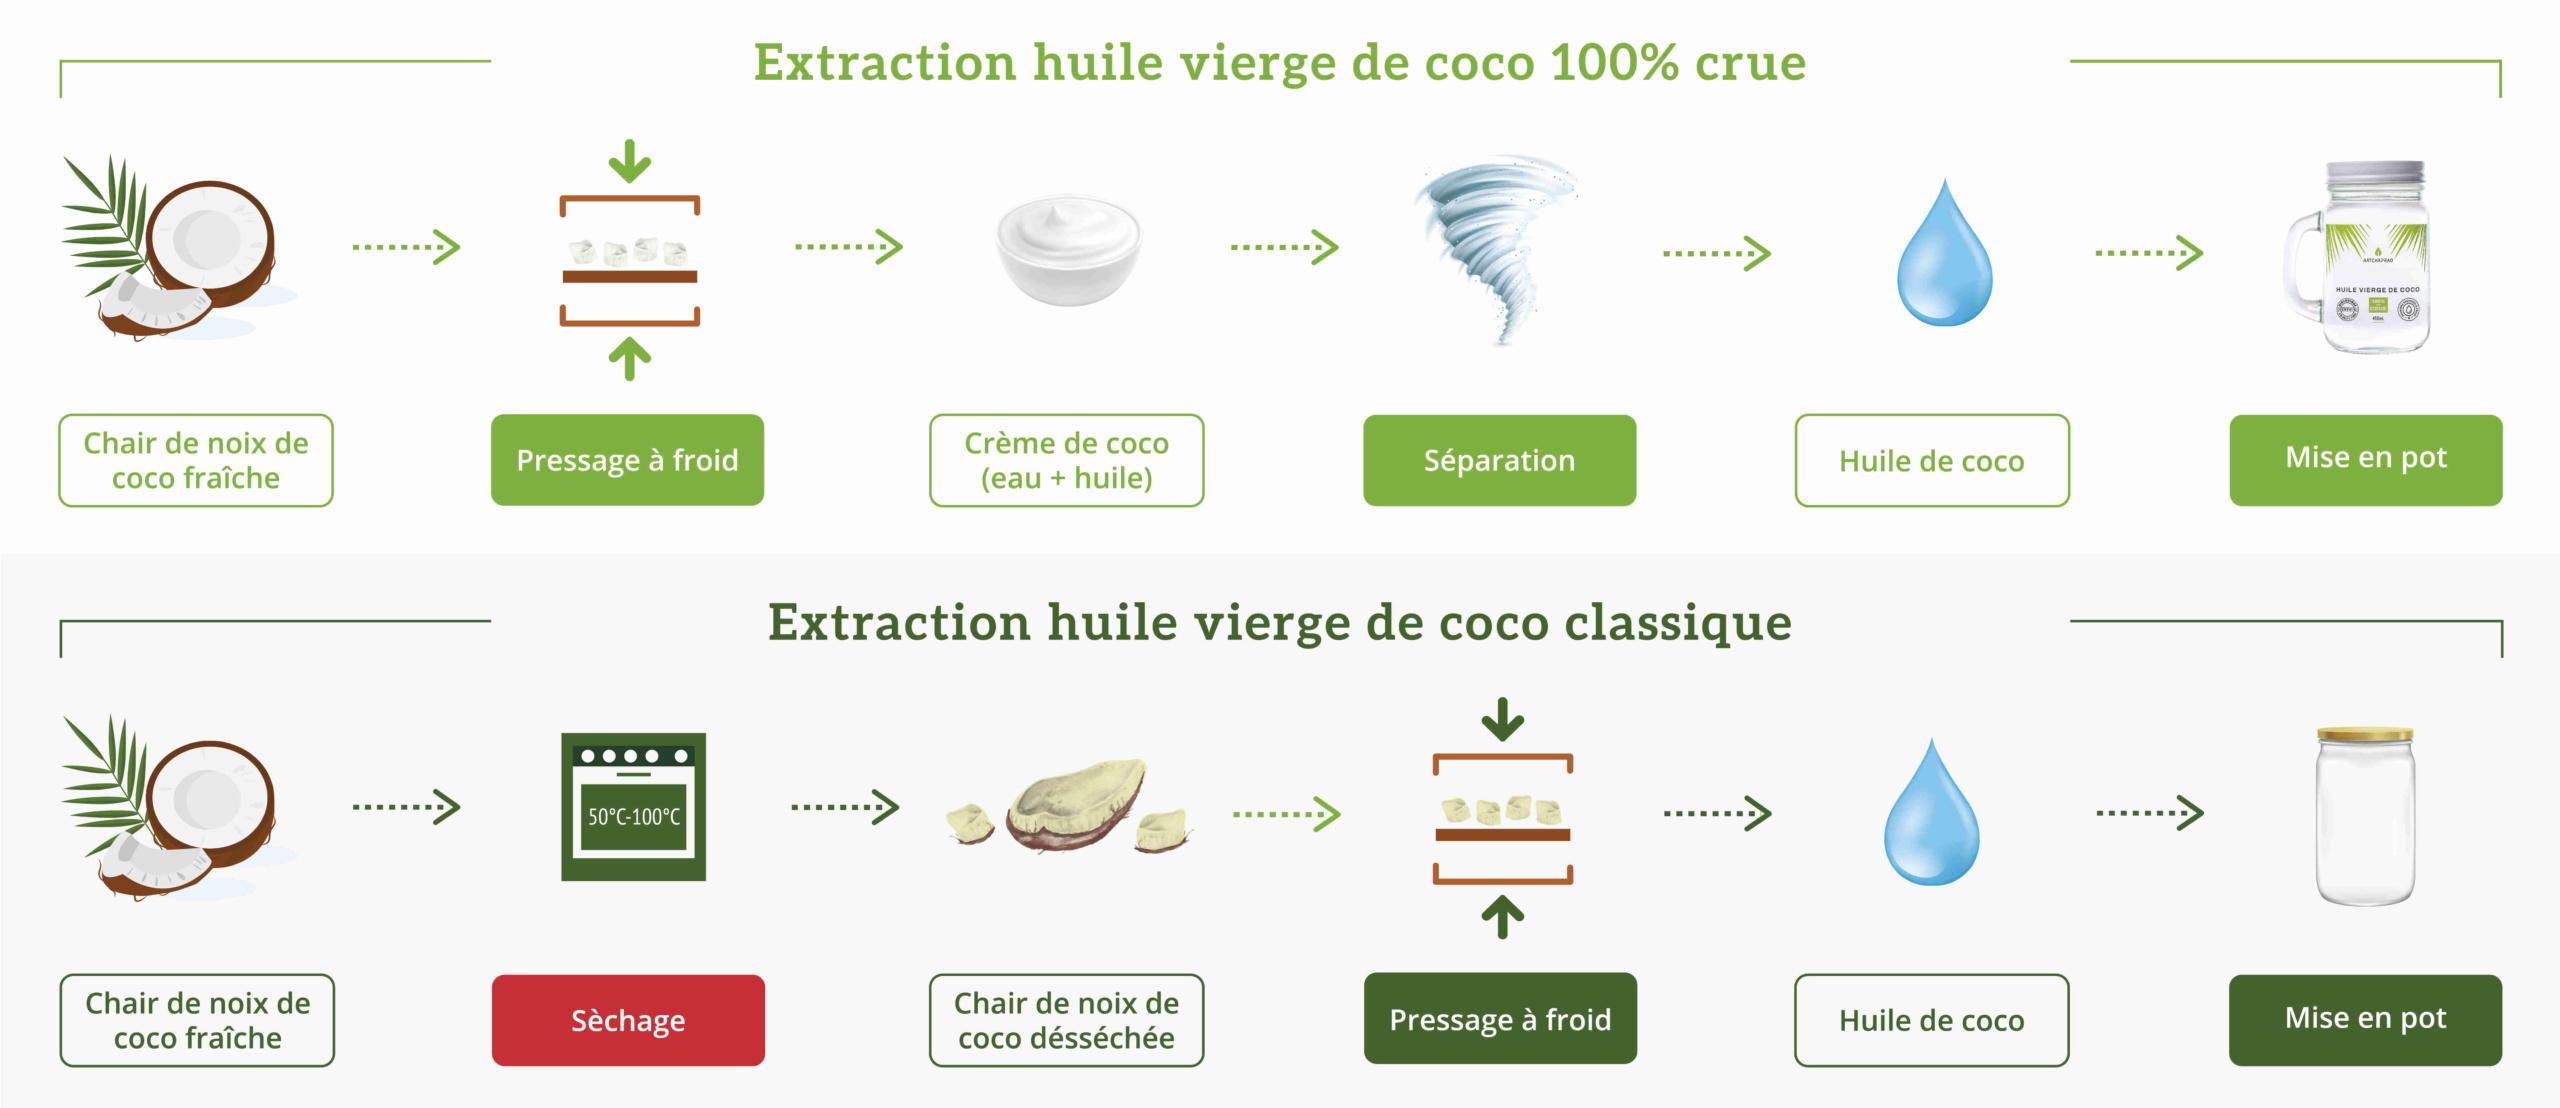 Différence entre les huiles de noix de coco